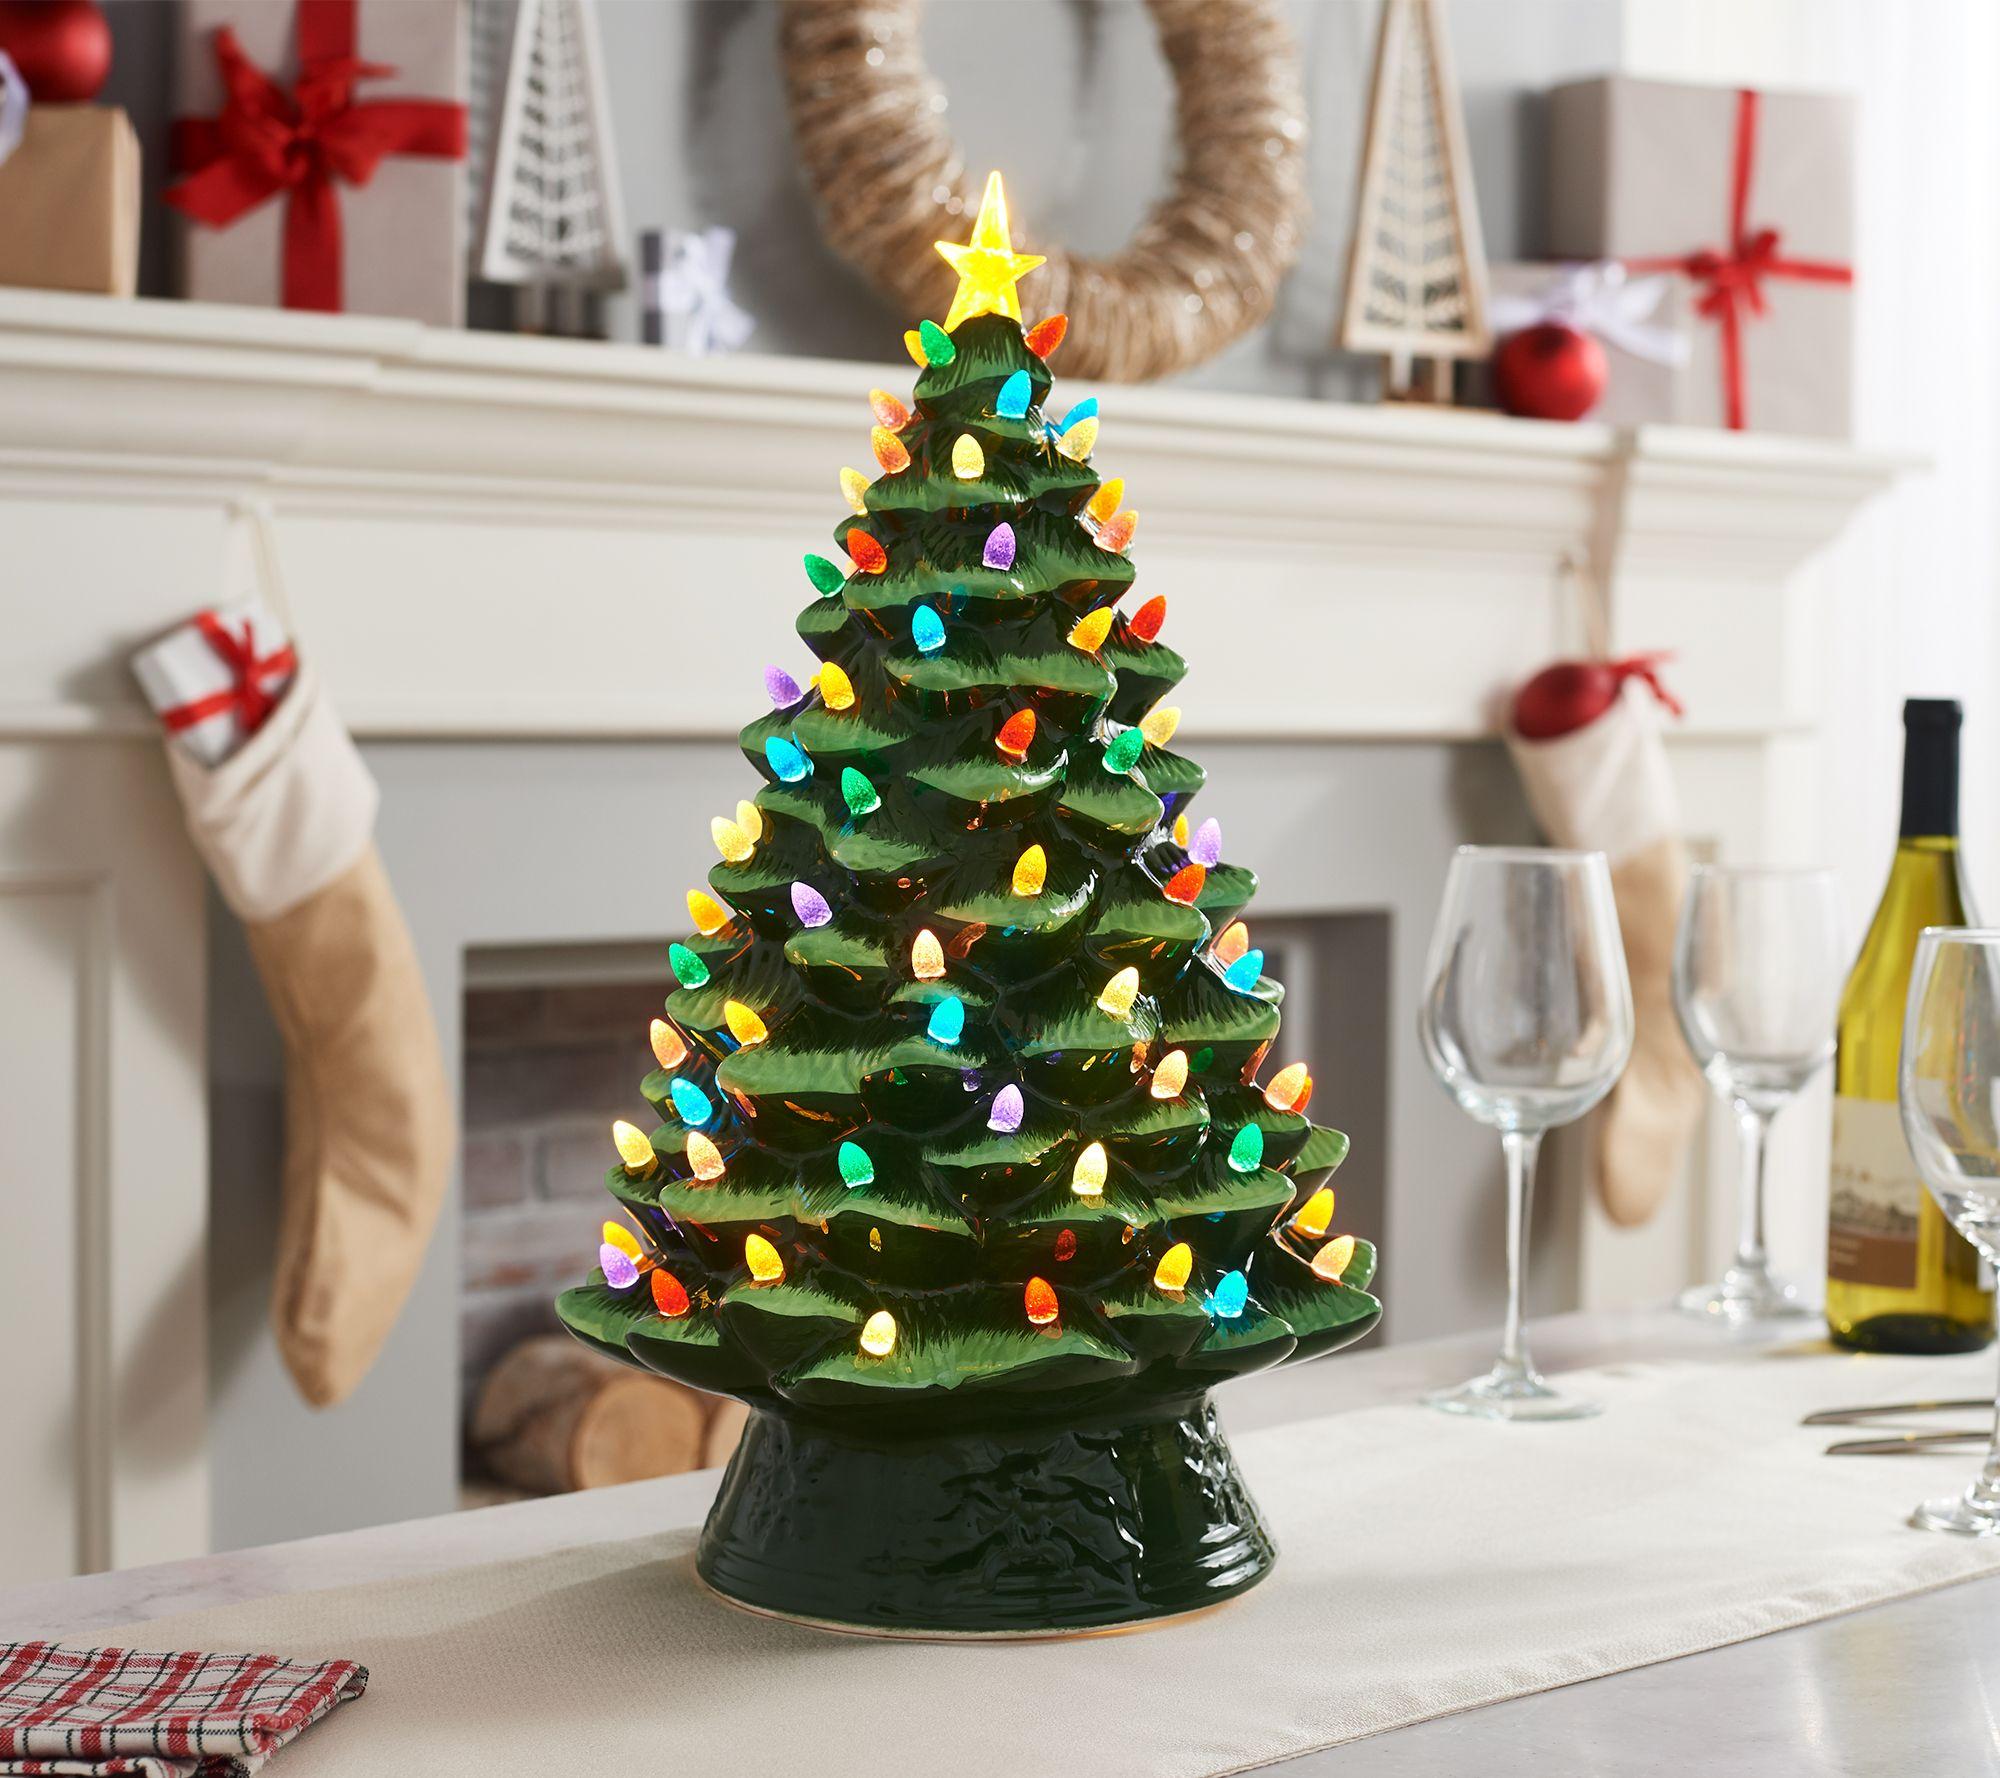 mr christmas 17 oversized illuminated plug in nostalgic tree page 1 qvccom